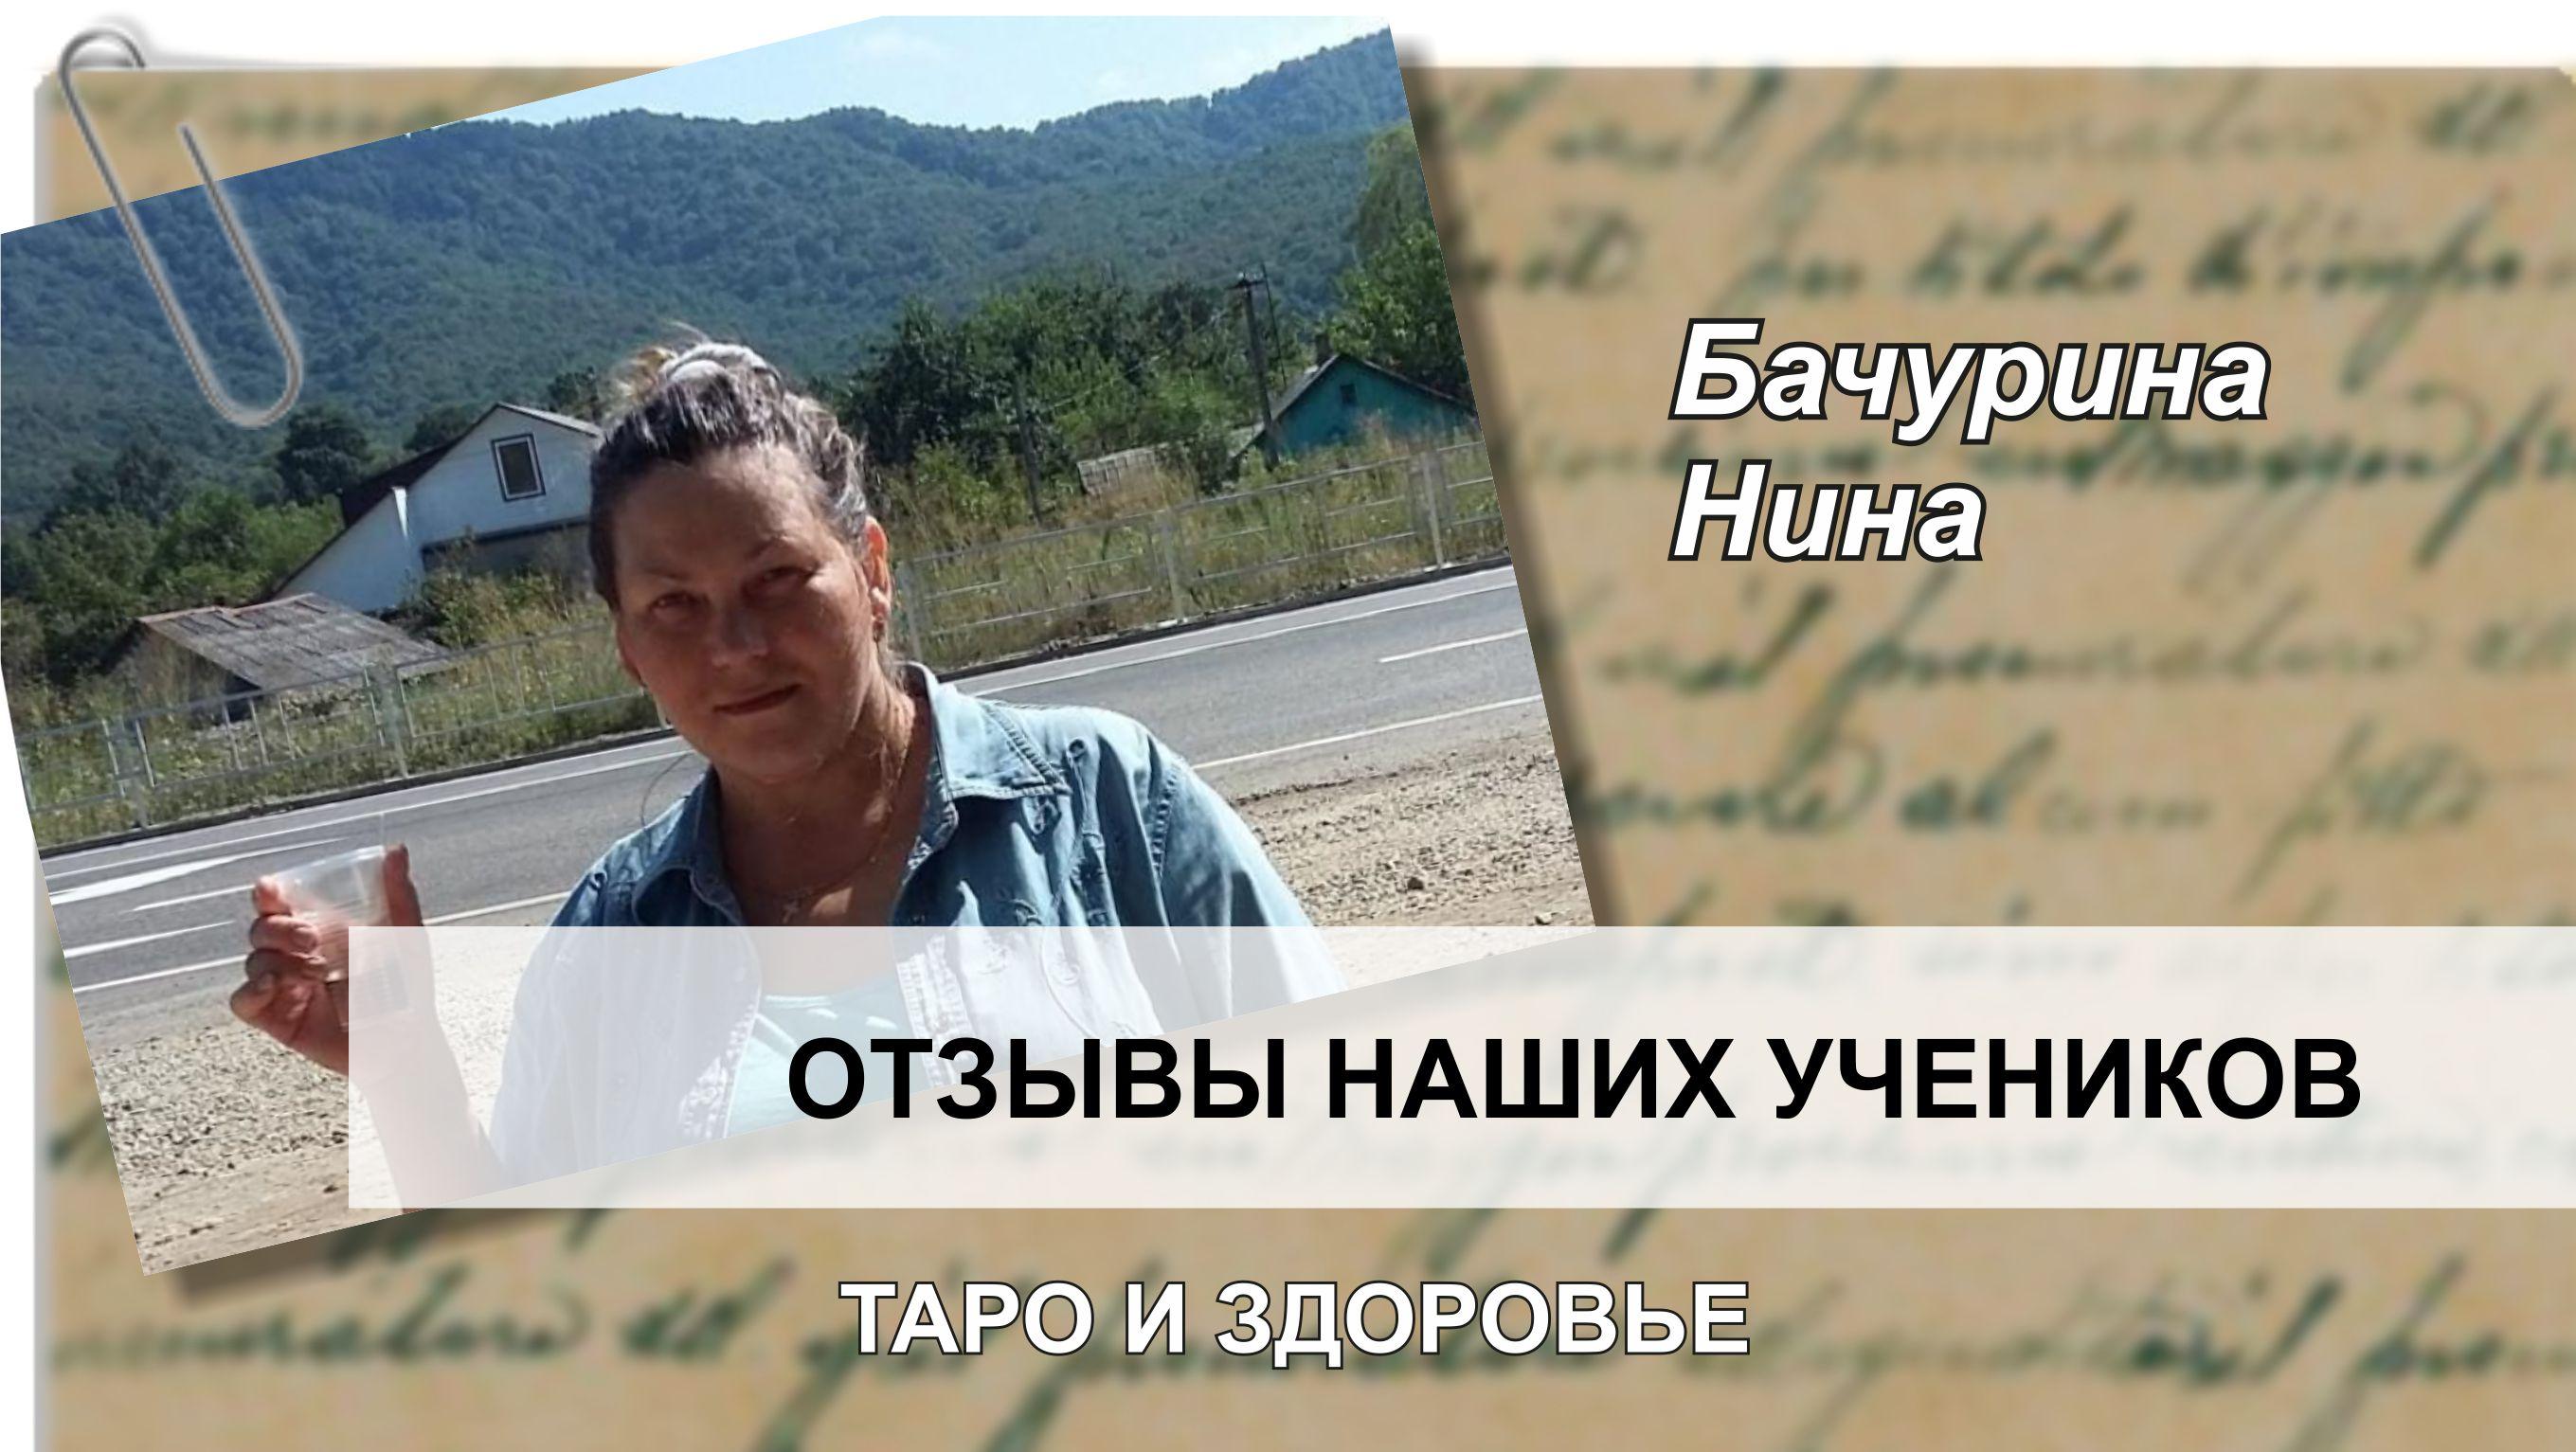 Бачурина Нина отзыв Таро и здоровье